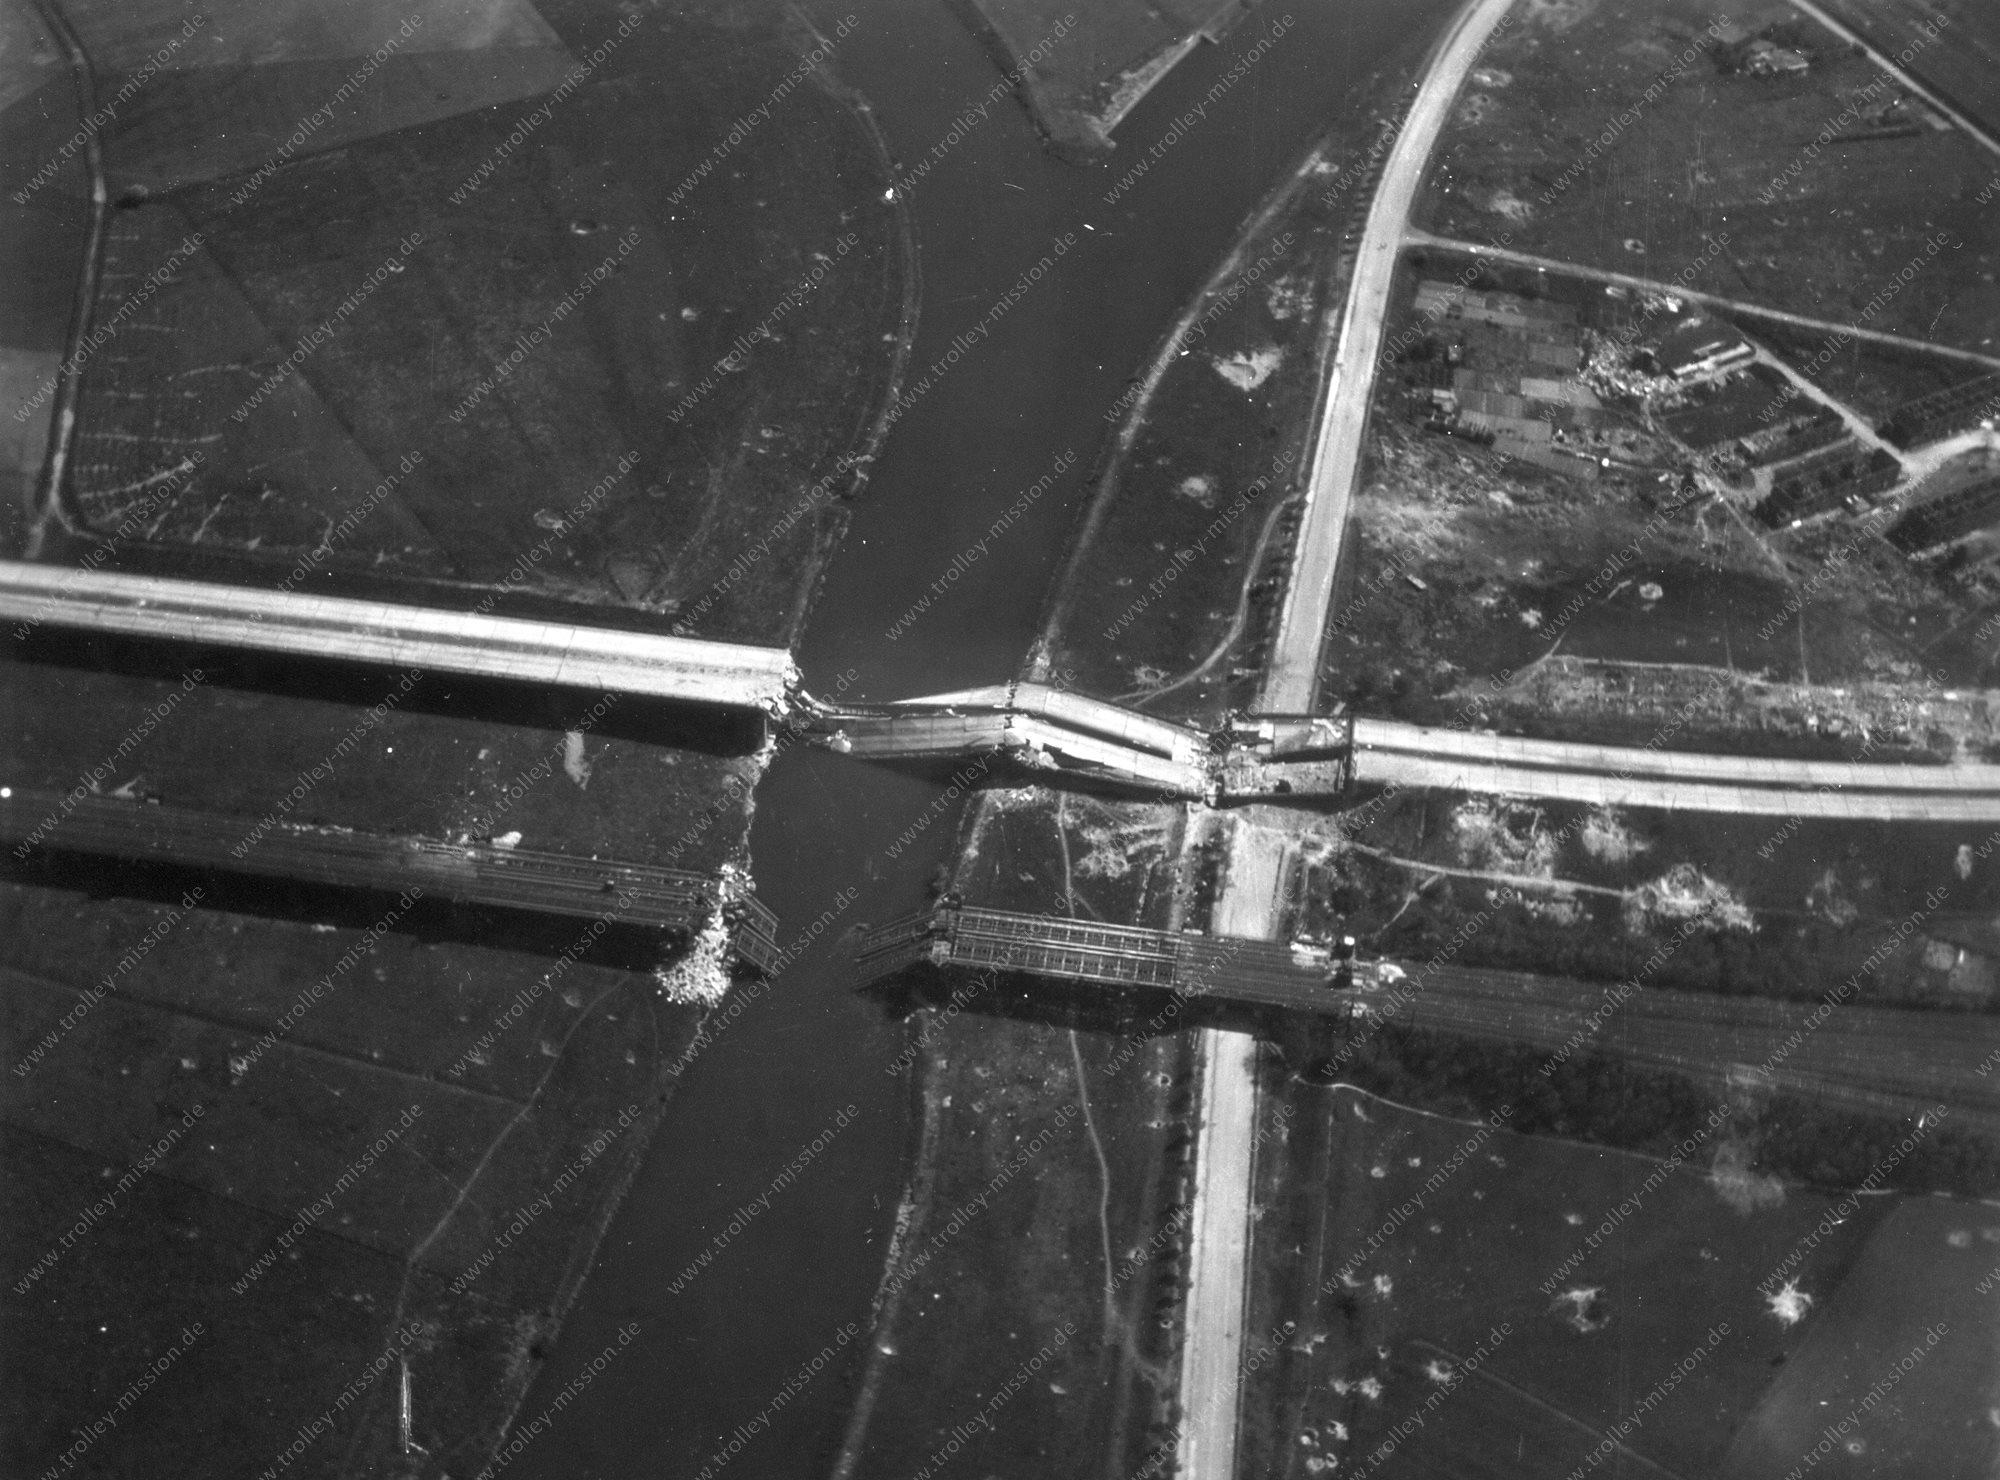 Luftbild von Duisburg am Rhein-Herne-Kanal aus dem Zweiten Weltkrieg im Mai 1945